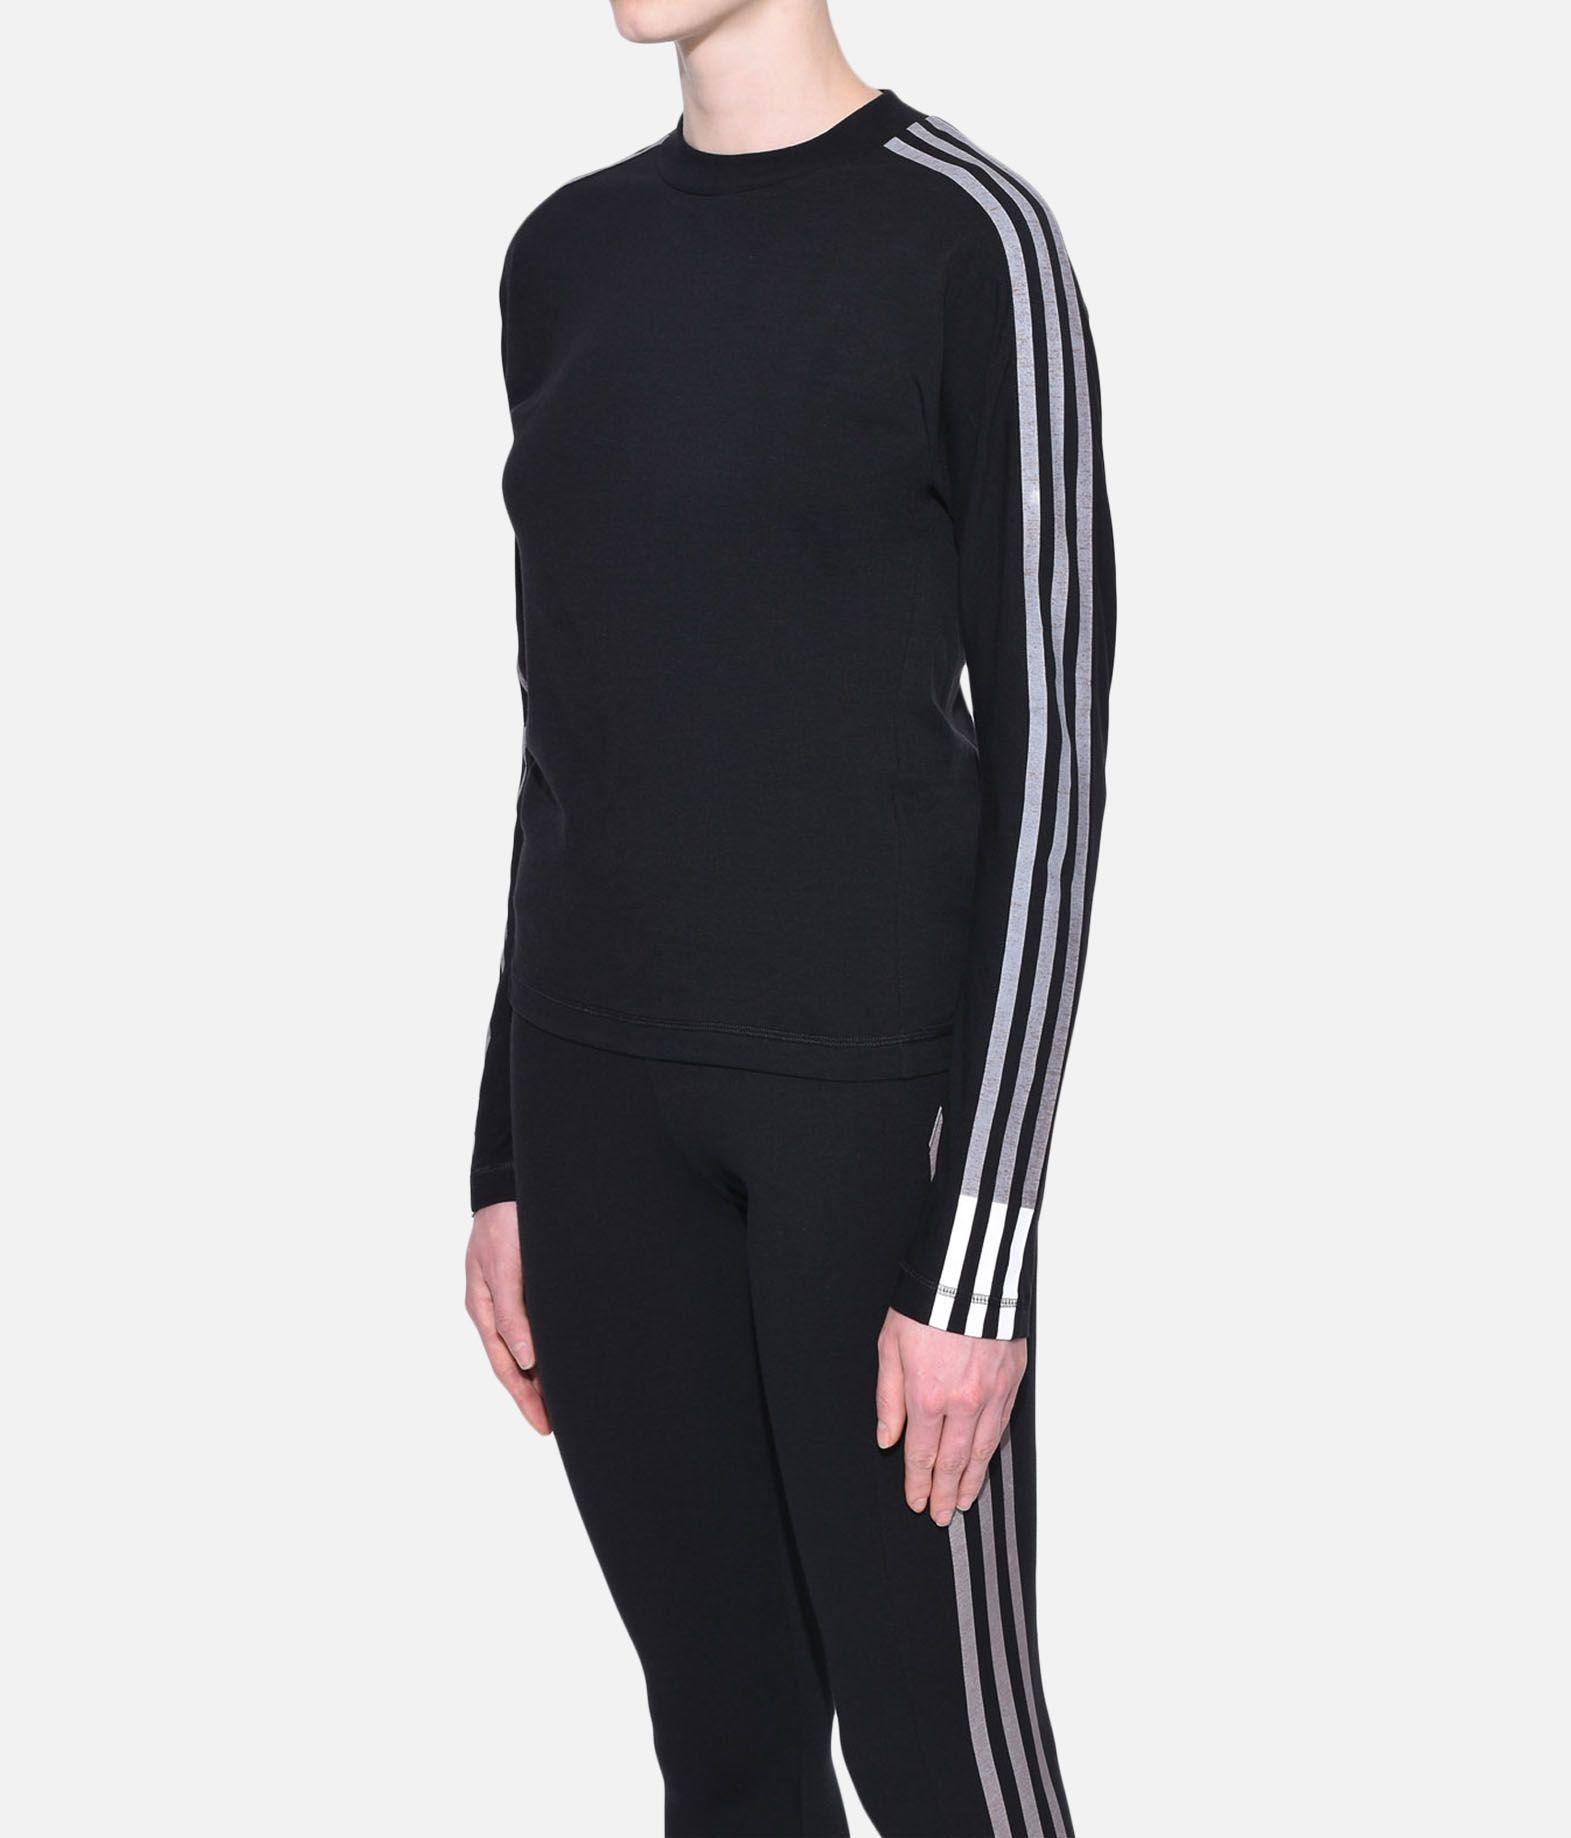 Y-3 Y-3 3-Stripes Tee Футболка с длинными рукавами Для Женщин e